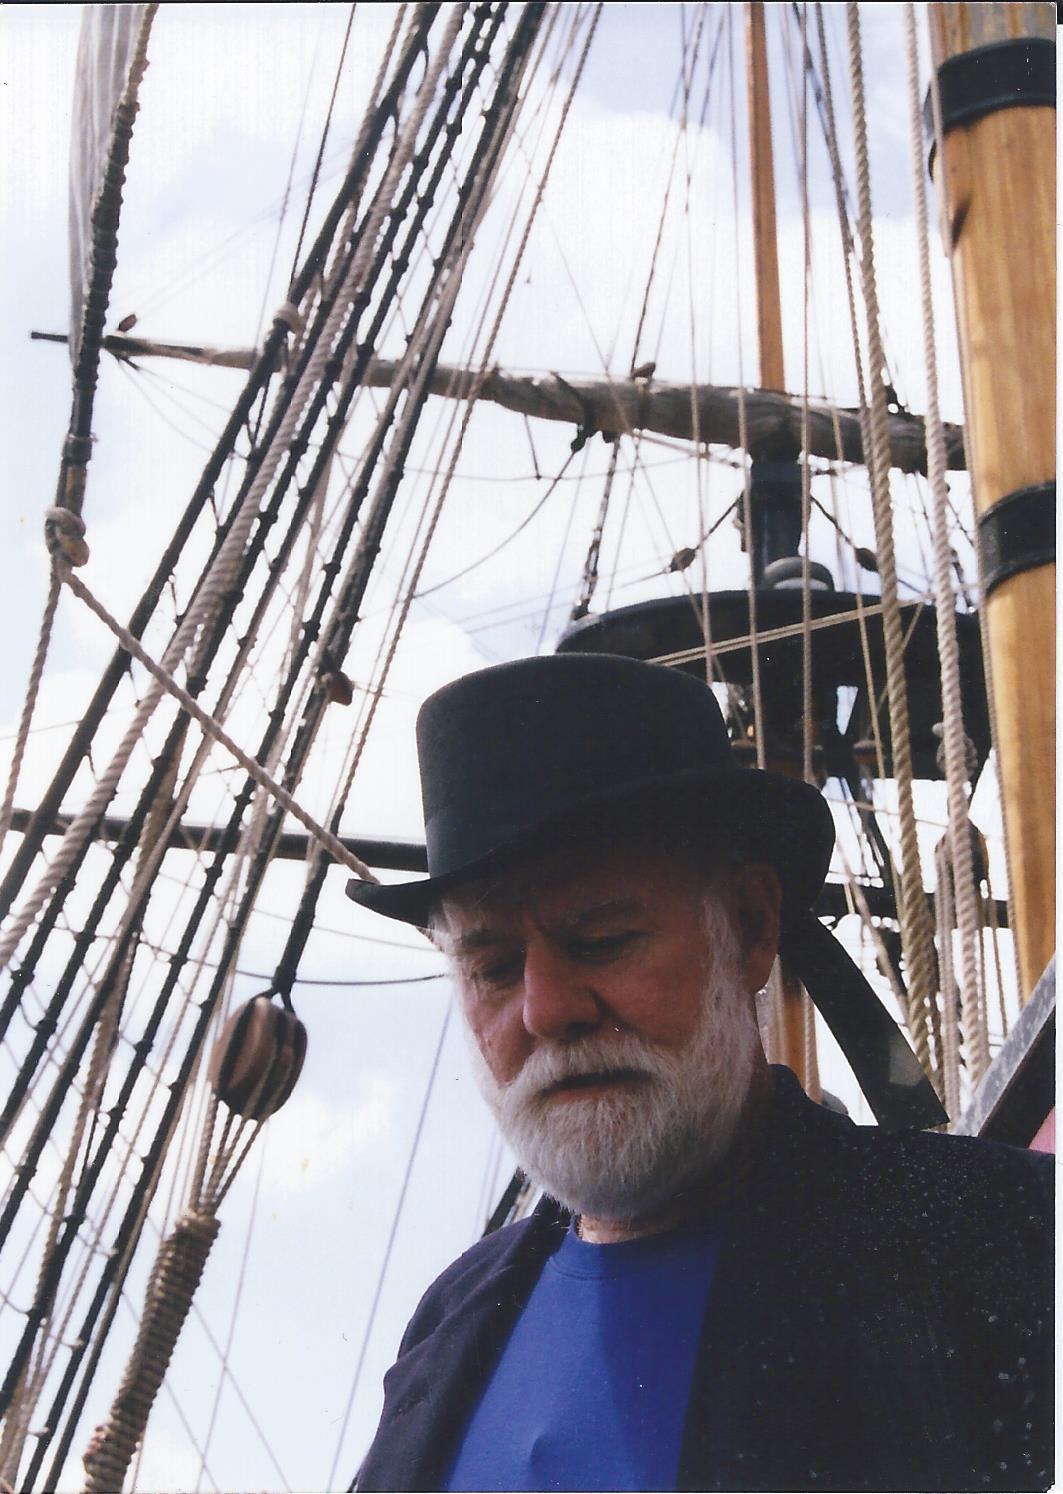 Baron Thomas aboard Endeavour